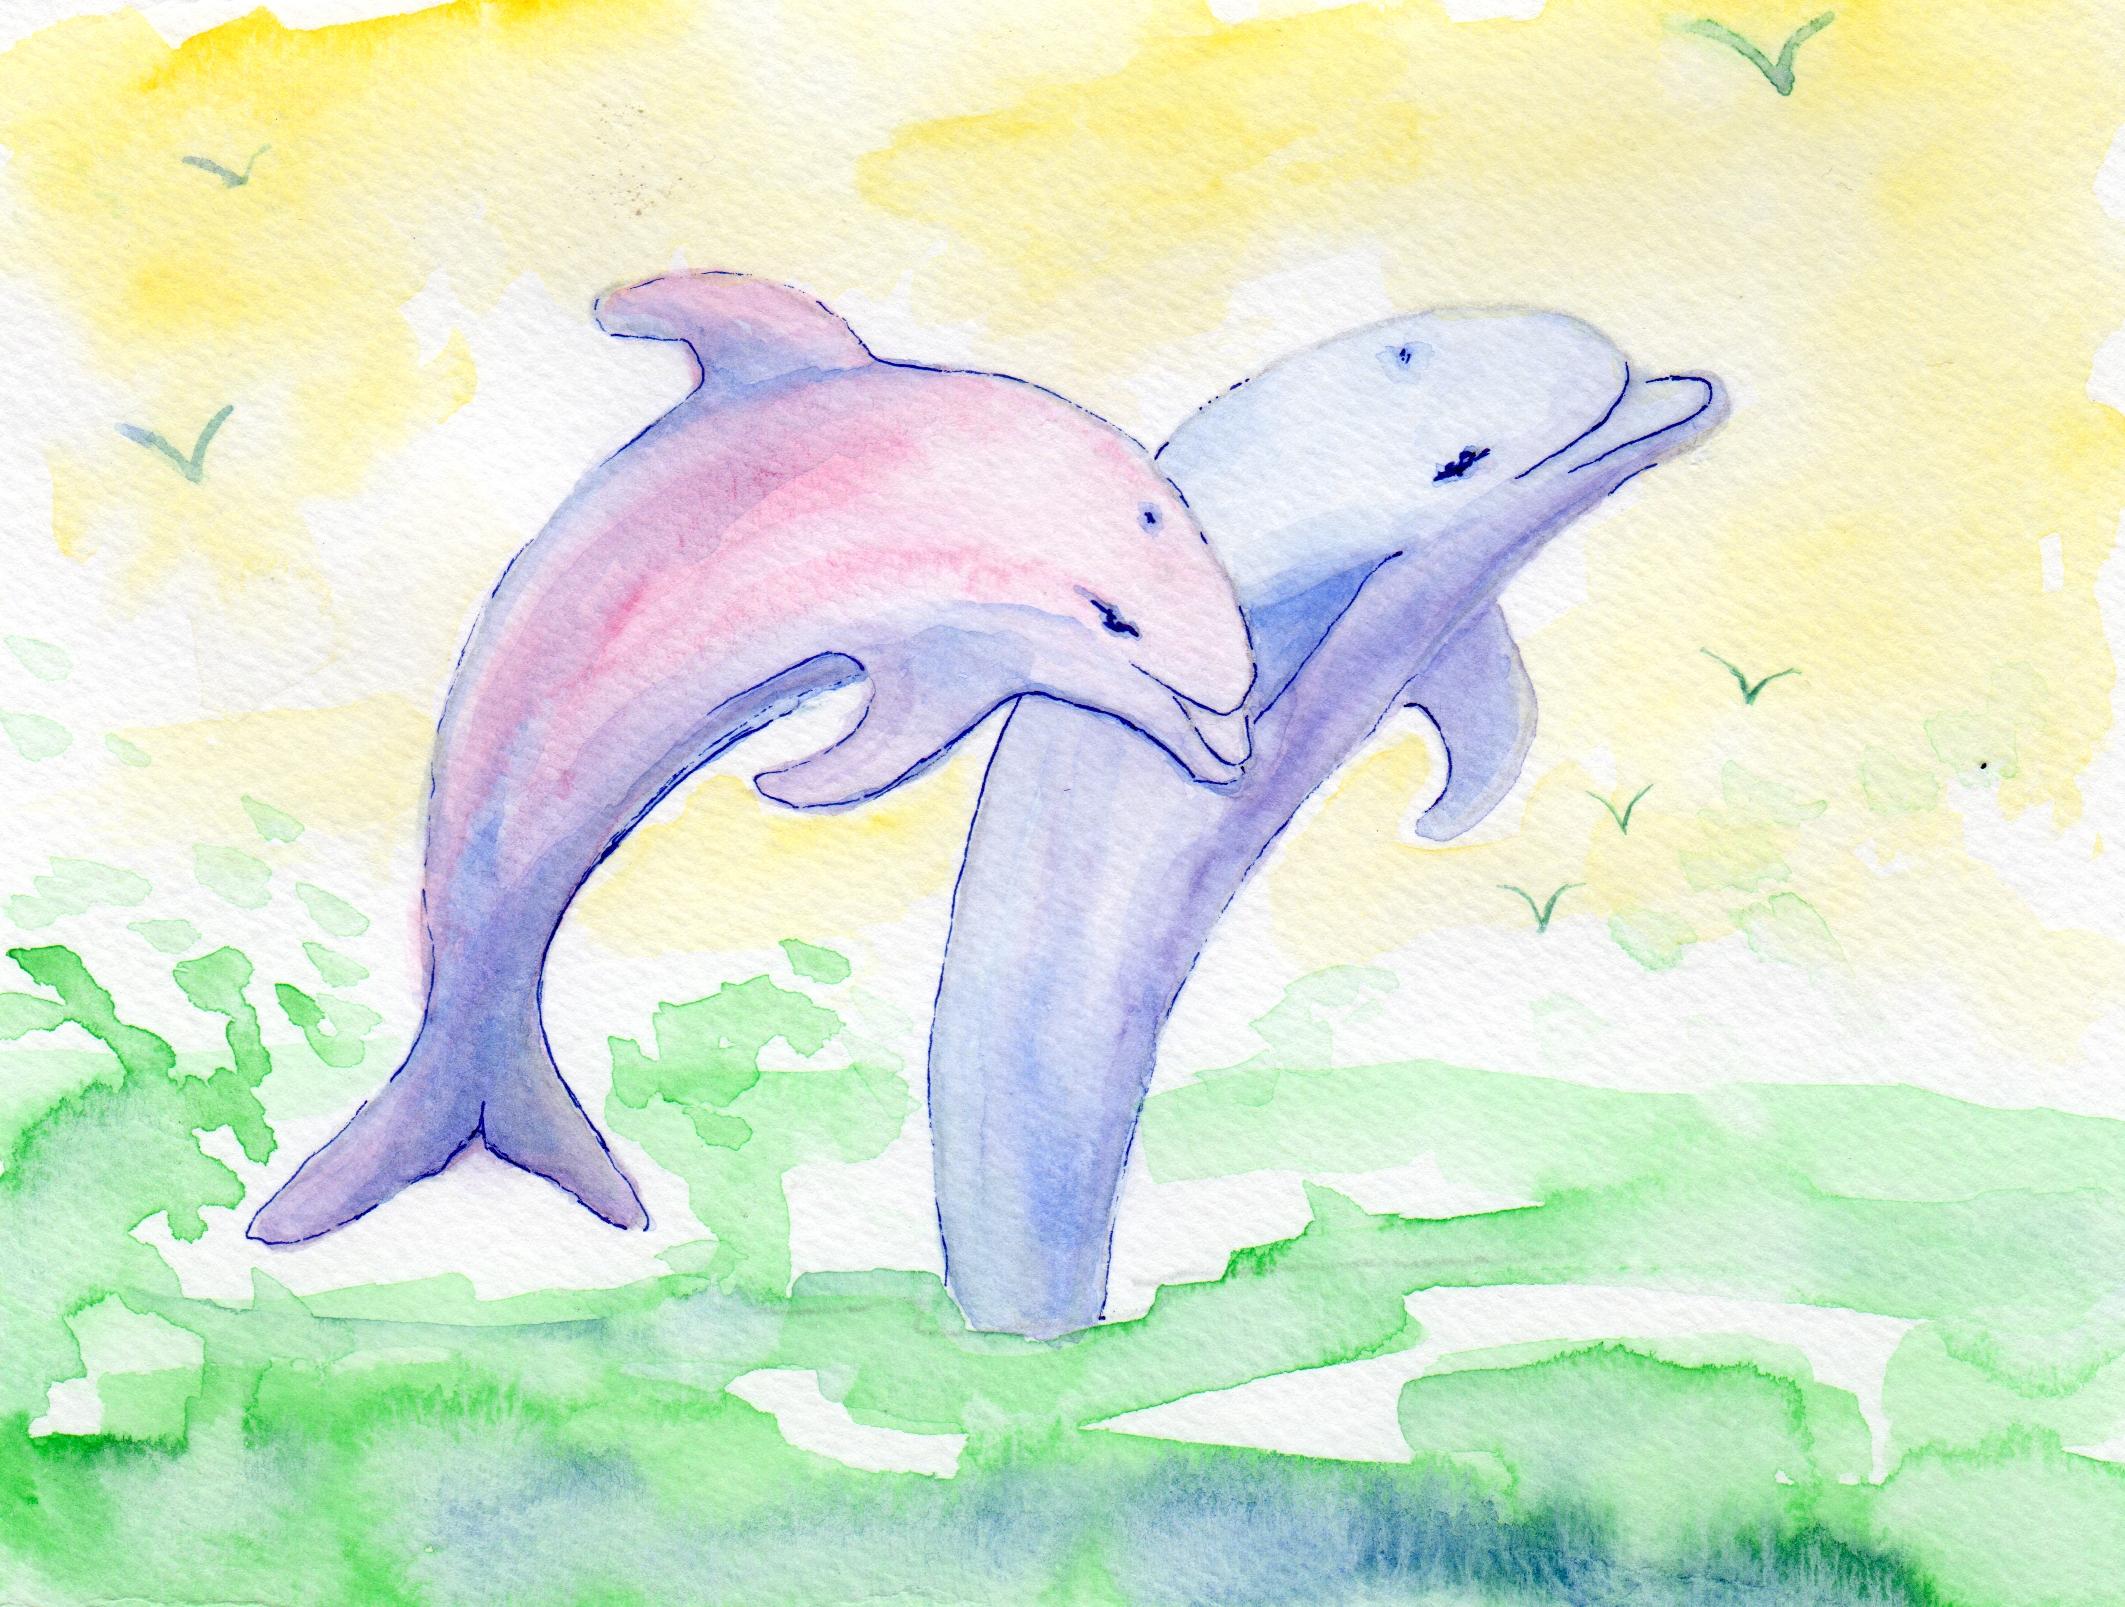 Jumping Dolphins by Elizabeth Oertel